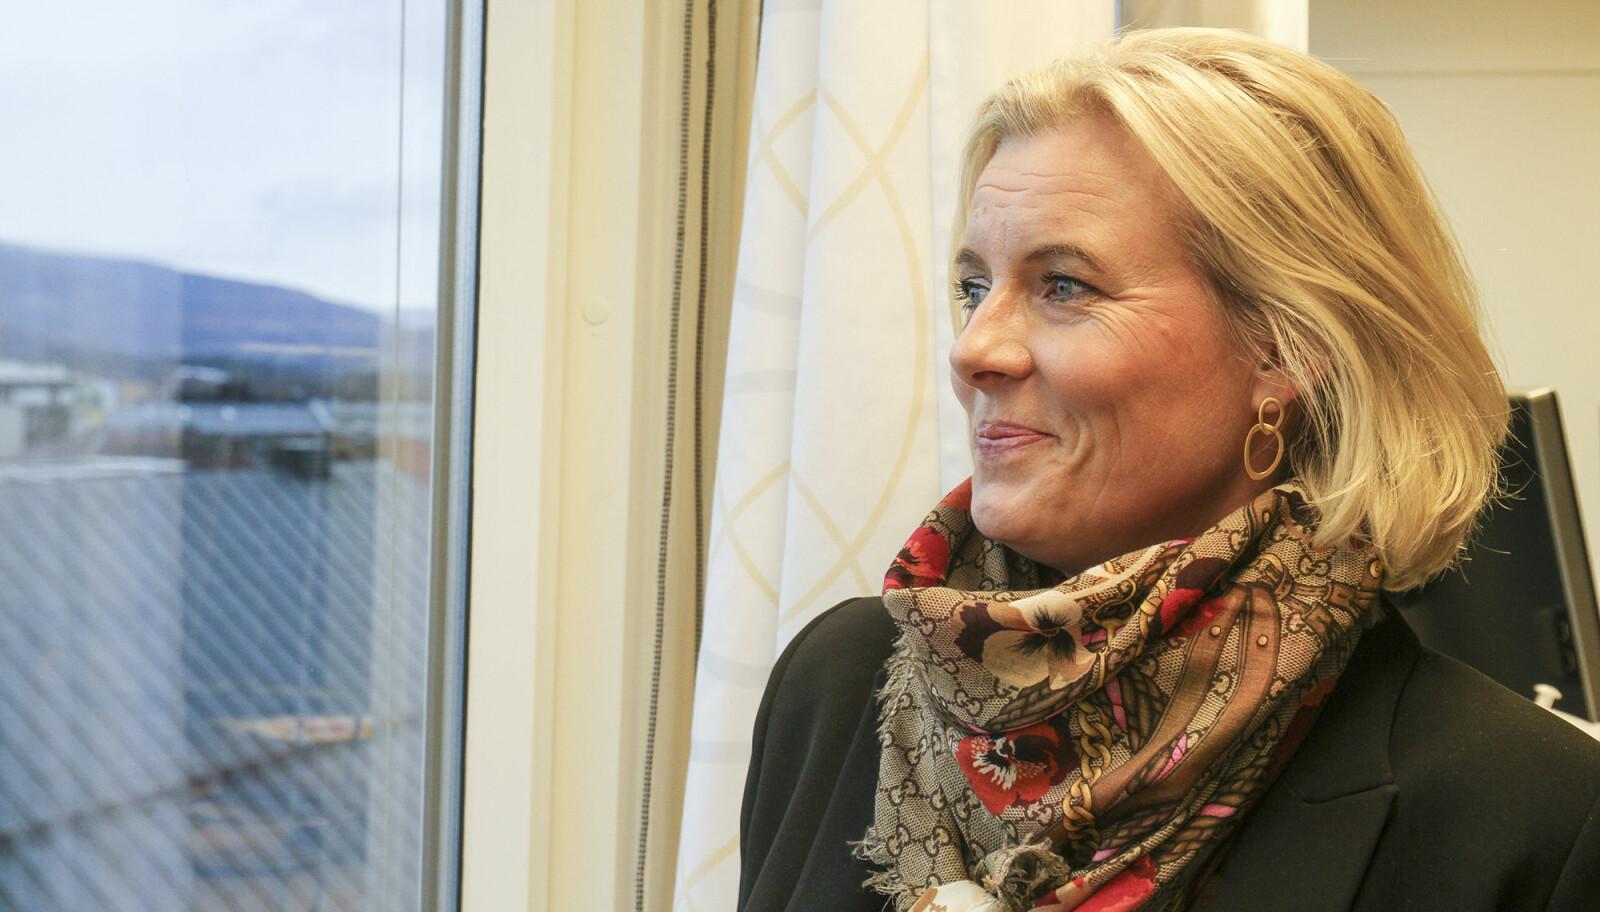 Fra ordførerkontoret i sjette etasje i kommunehuset har Ingunn en fantastisk utsikt utover mot Mjøsa, gågata og nedre del av Lillehammer by.